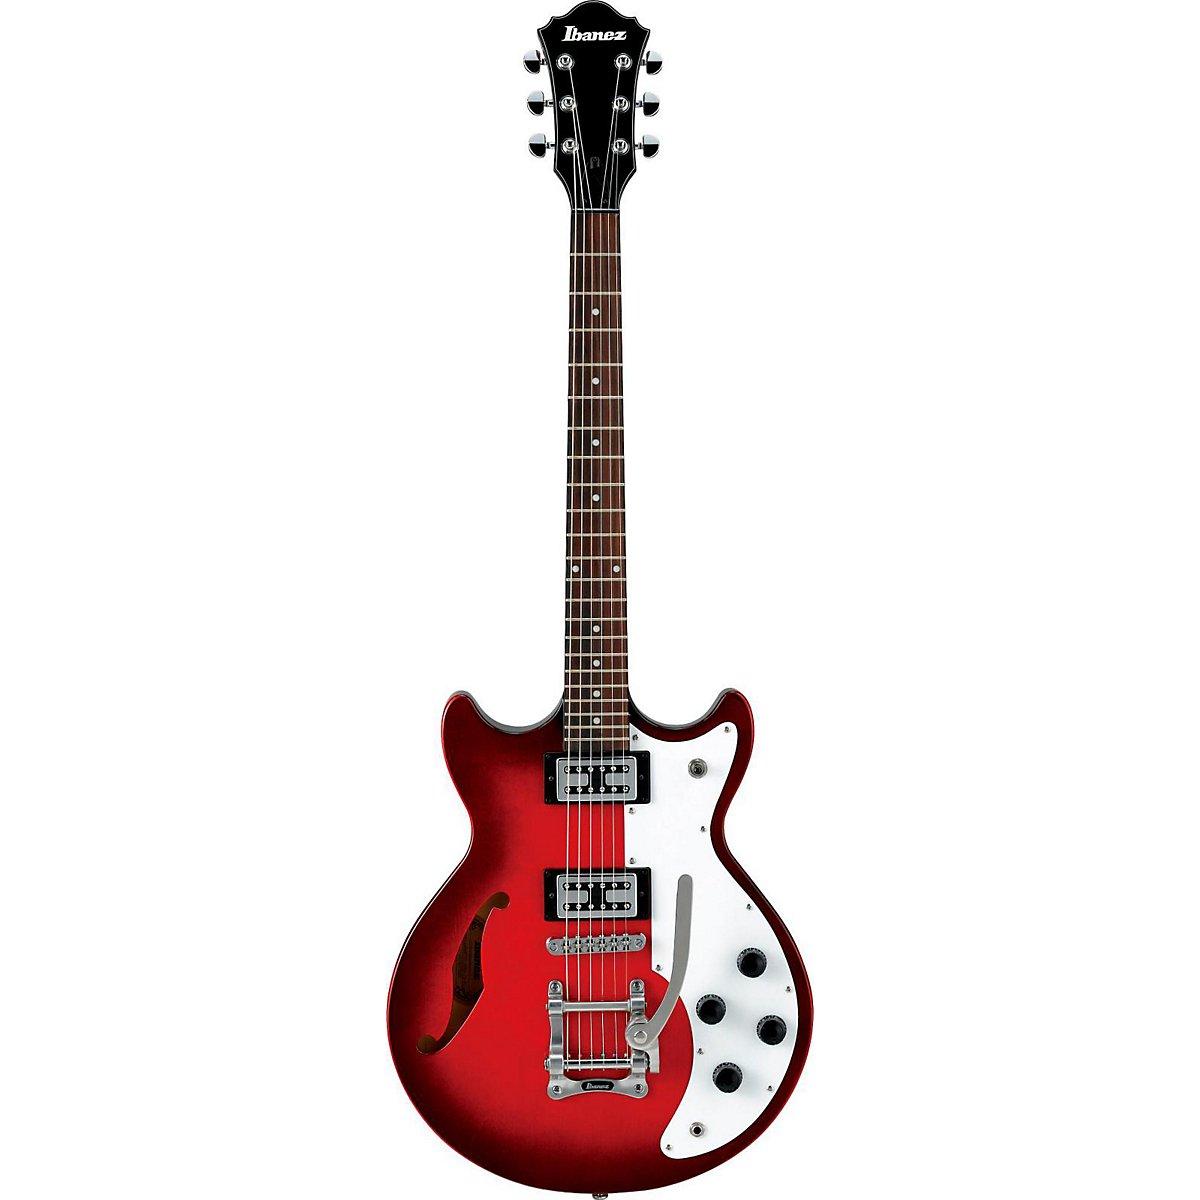 Ibanez amf73t Artcore Semi hueca cuerpo guitarra eléctrica (atardecer rojo): Amazon.es: Instrumentos musicales